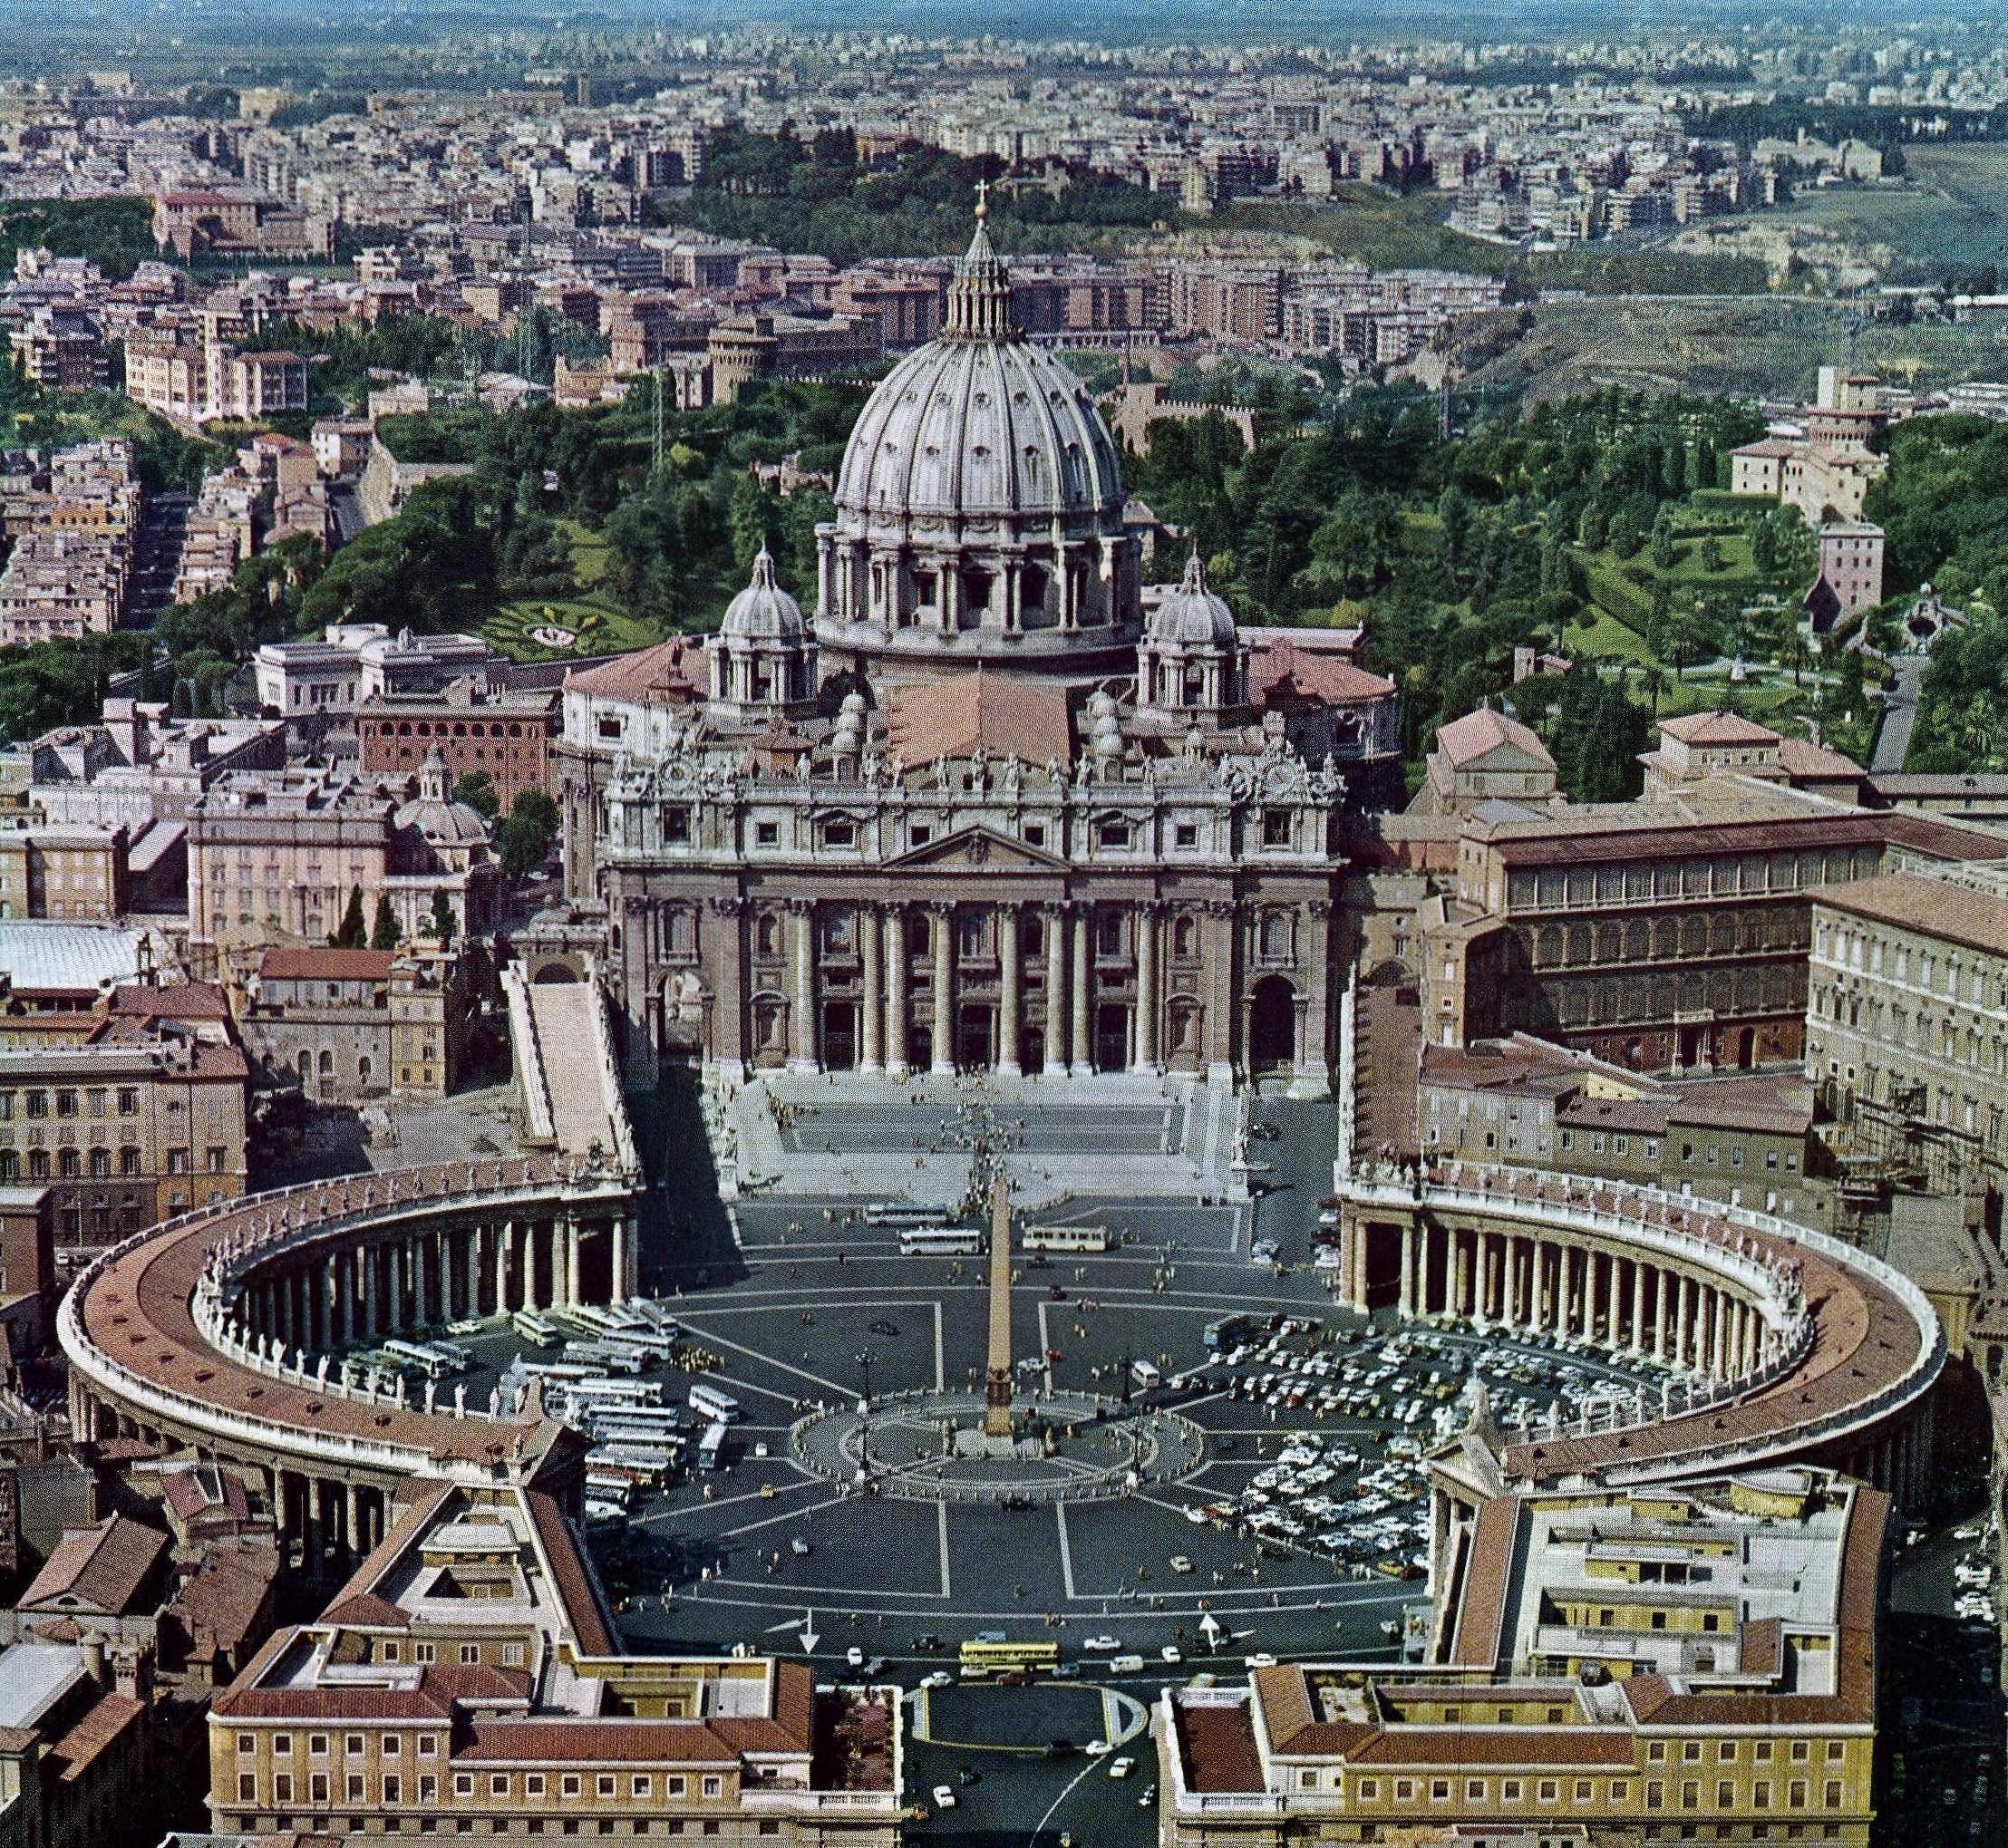 バチカン宮殿の画像 p1_17